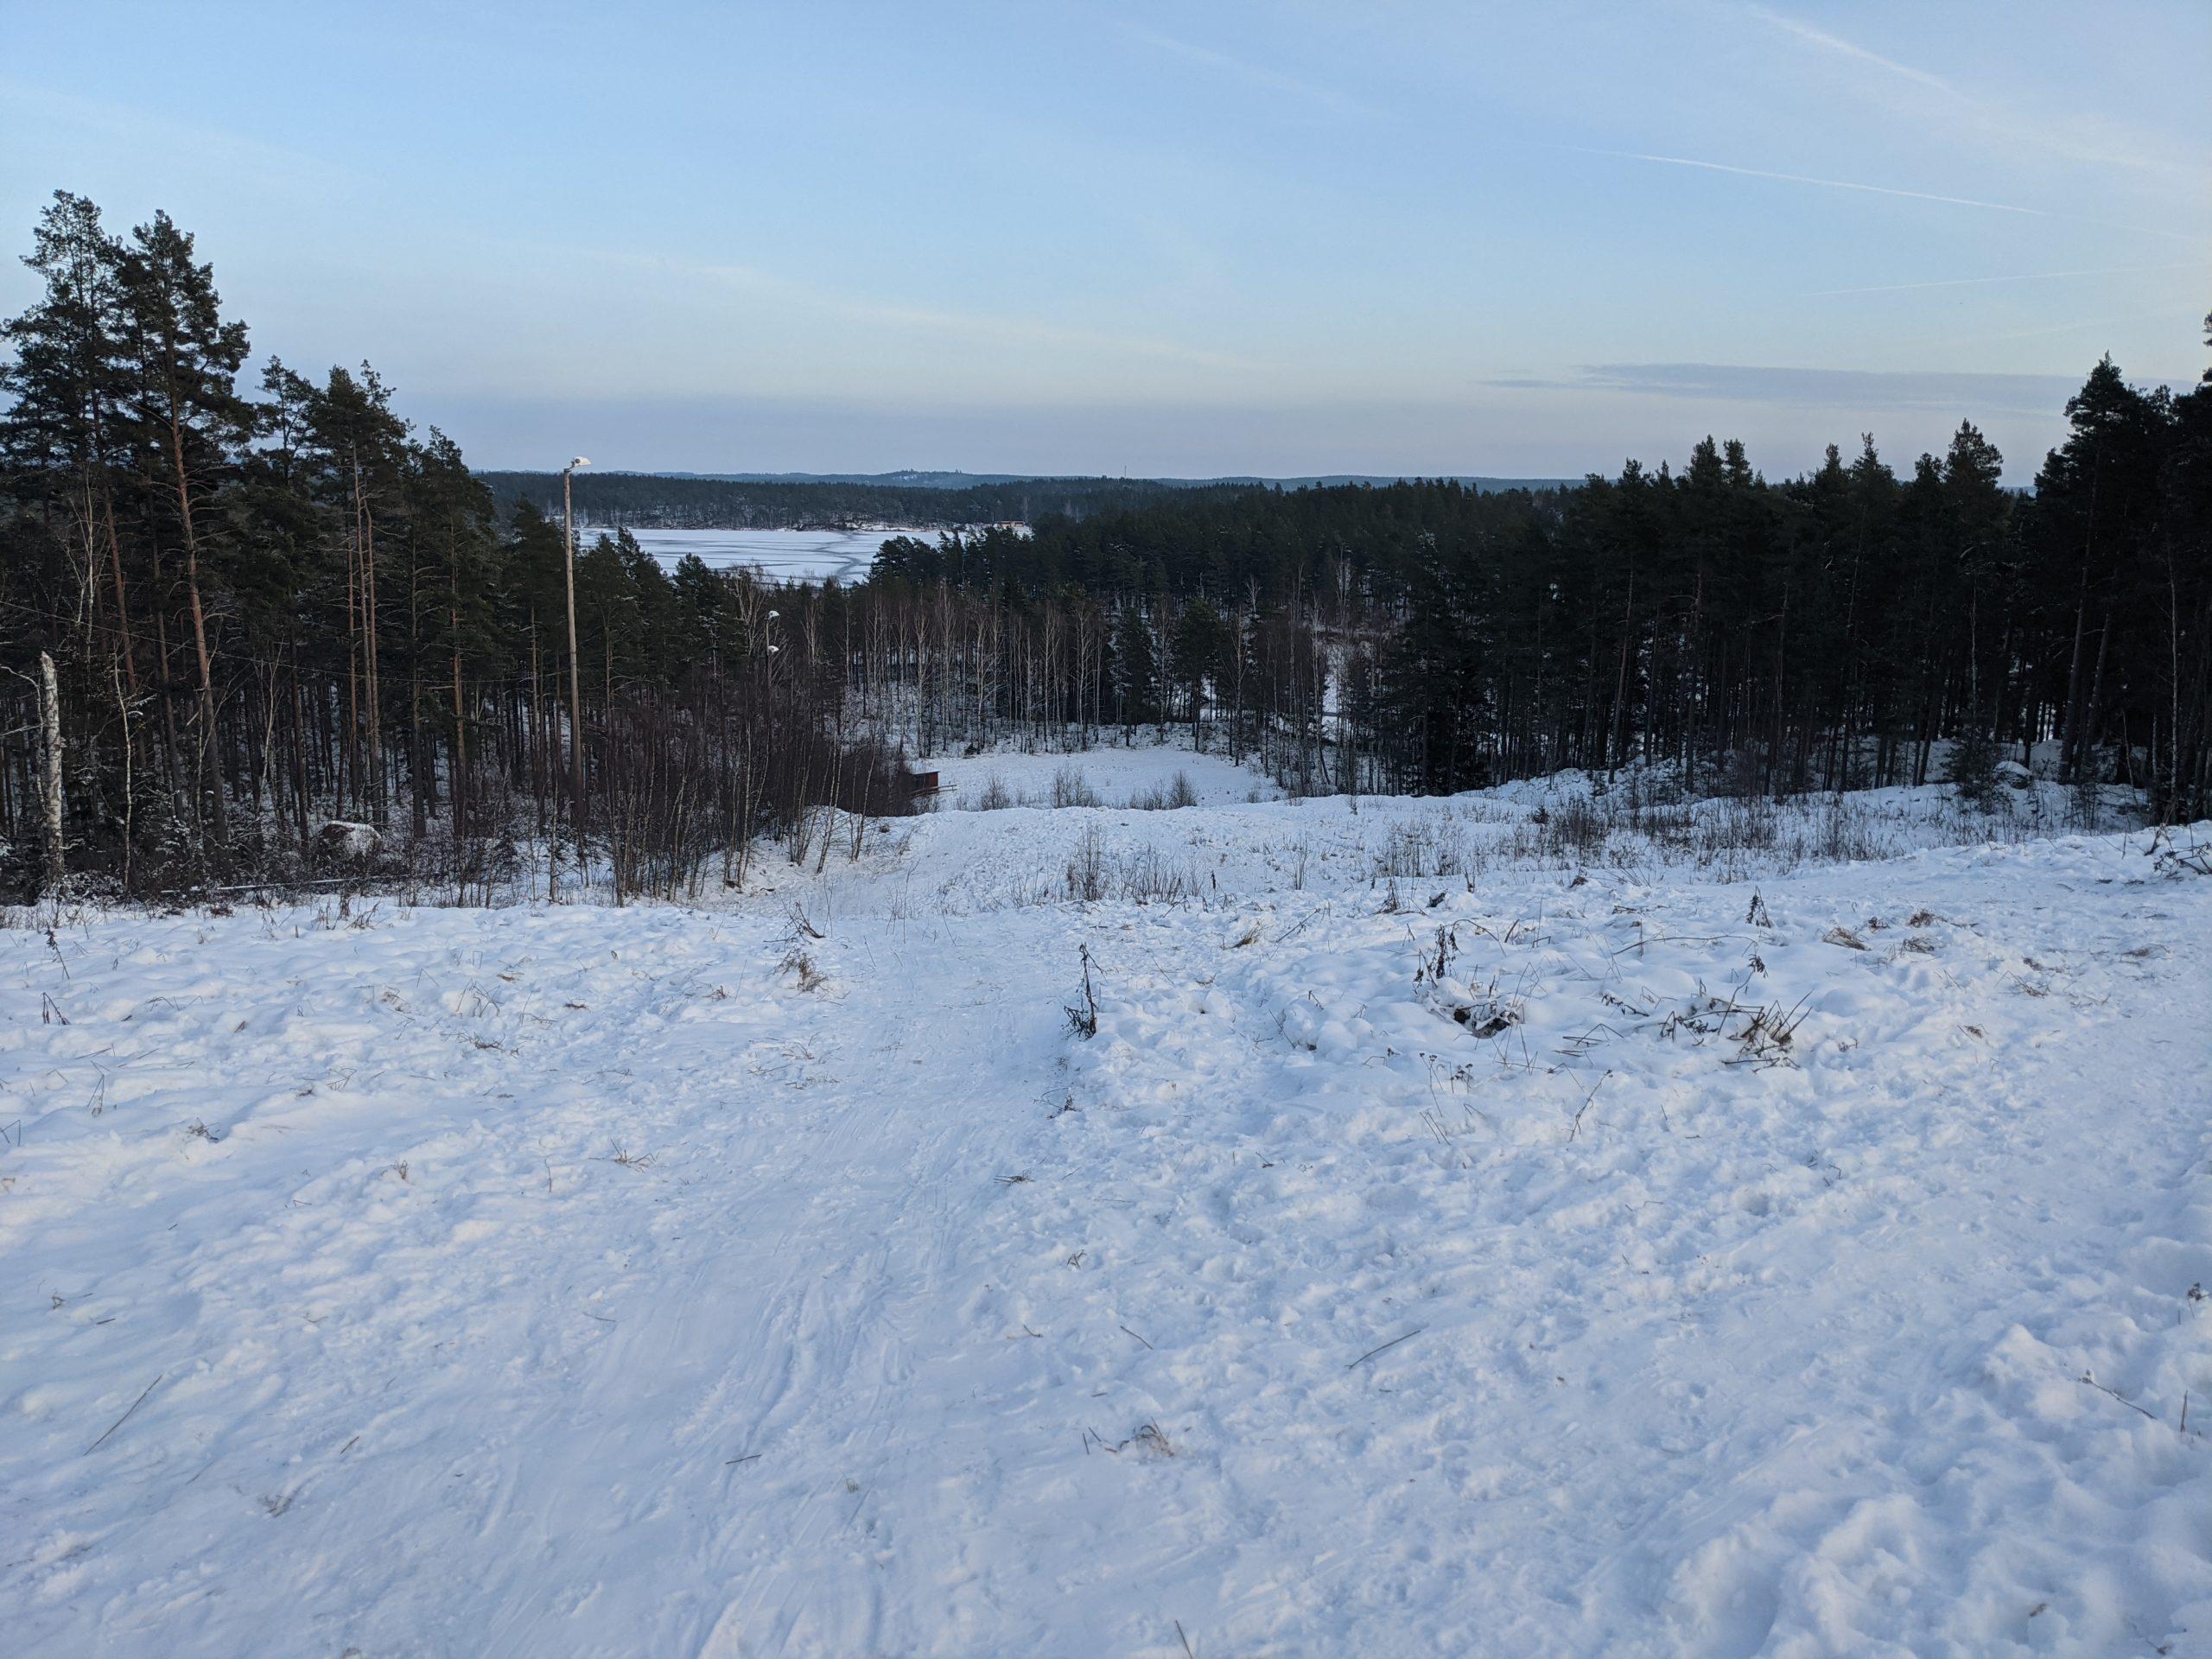 Ukujonga i-toboggan run Hesjöbacken